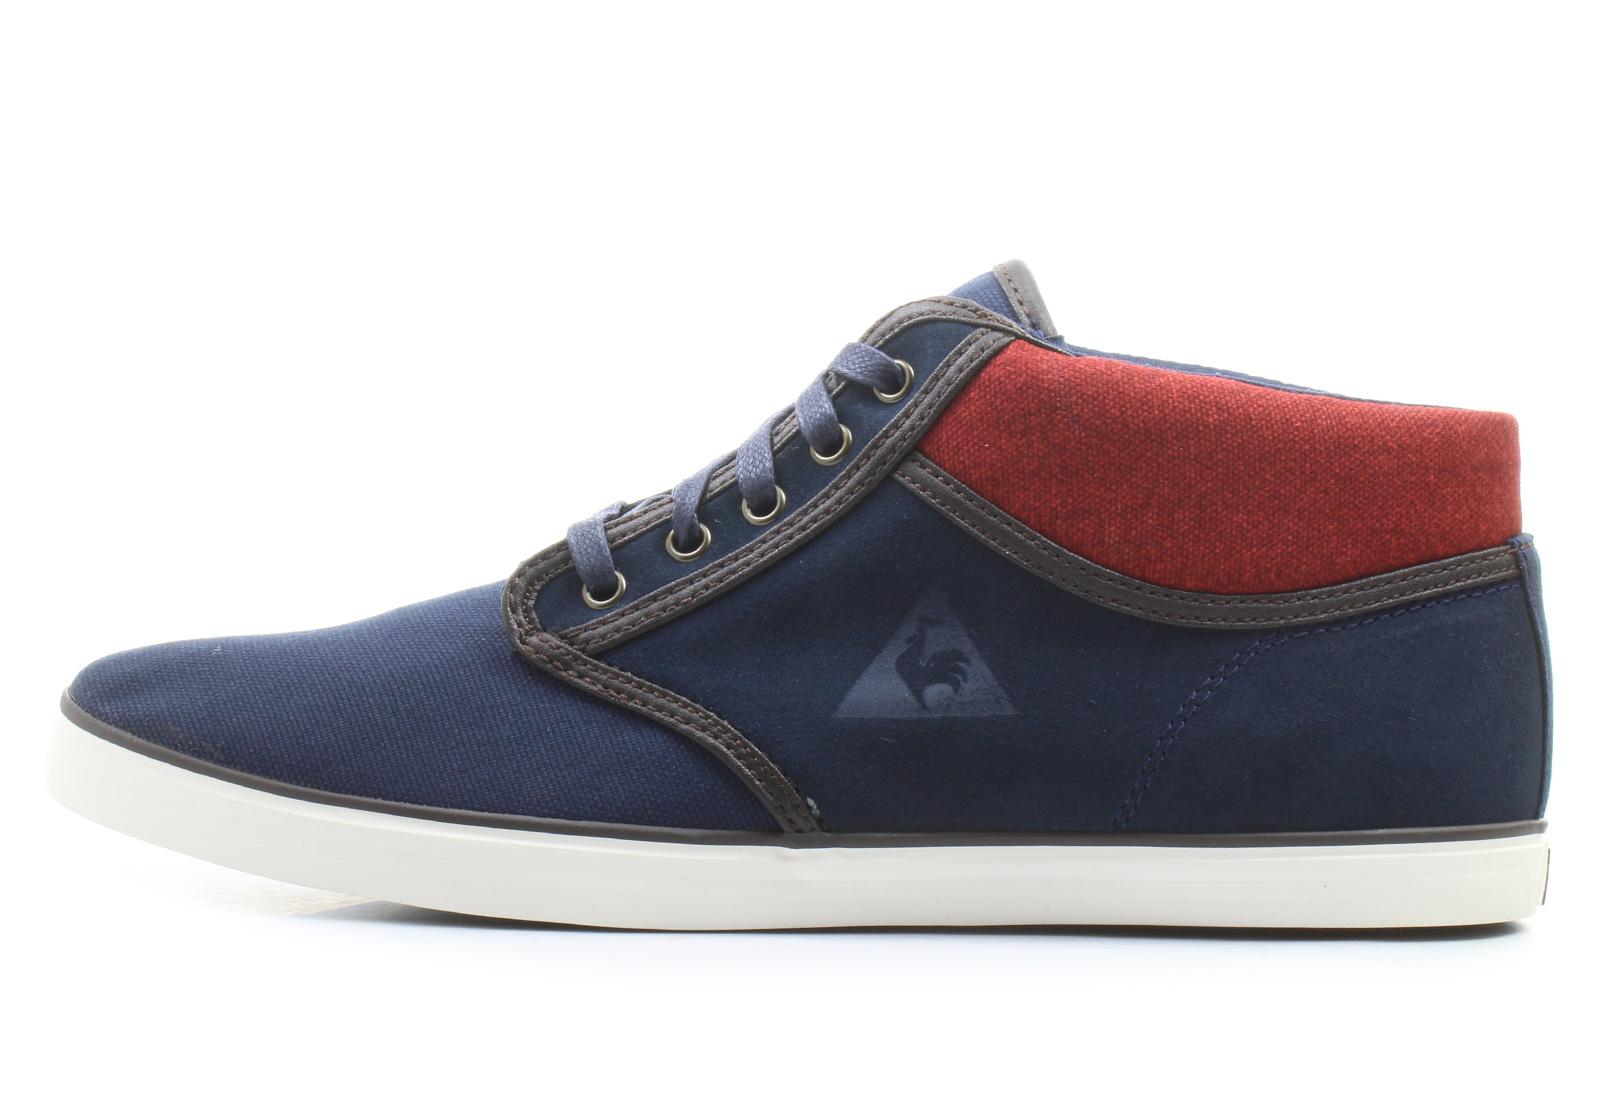 le coq sportif shoes brancion 1511290 online shop. Black Bedroom Furniture Sets. Home Design Ideas